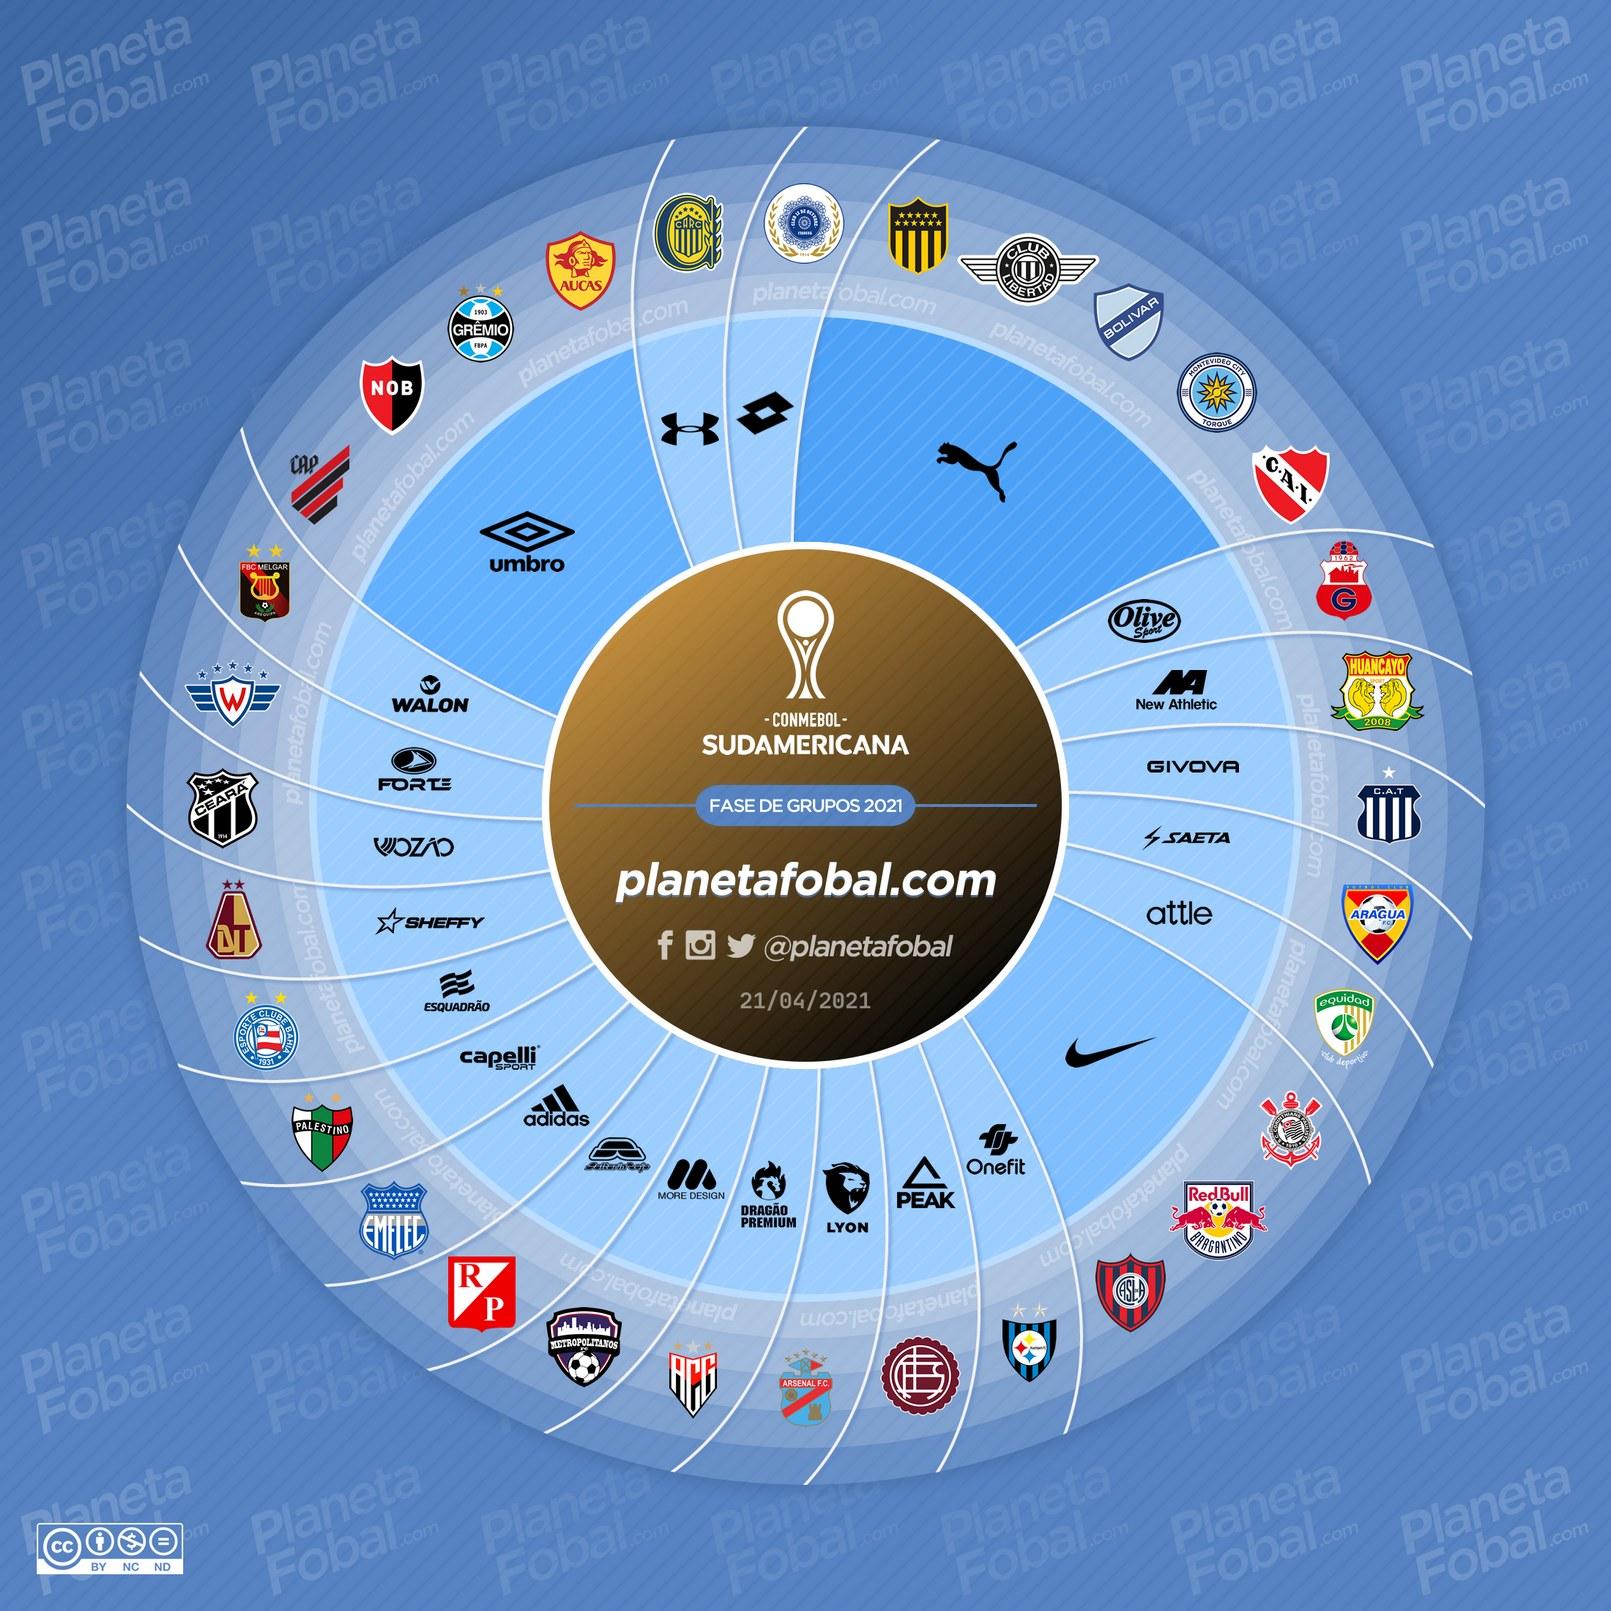 Marcas deportivas de la Copa Sudamericana 2021